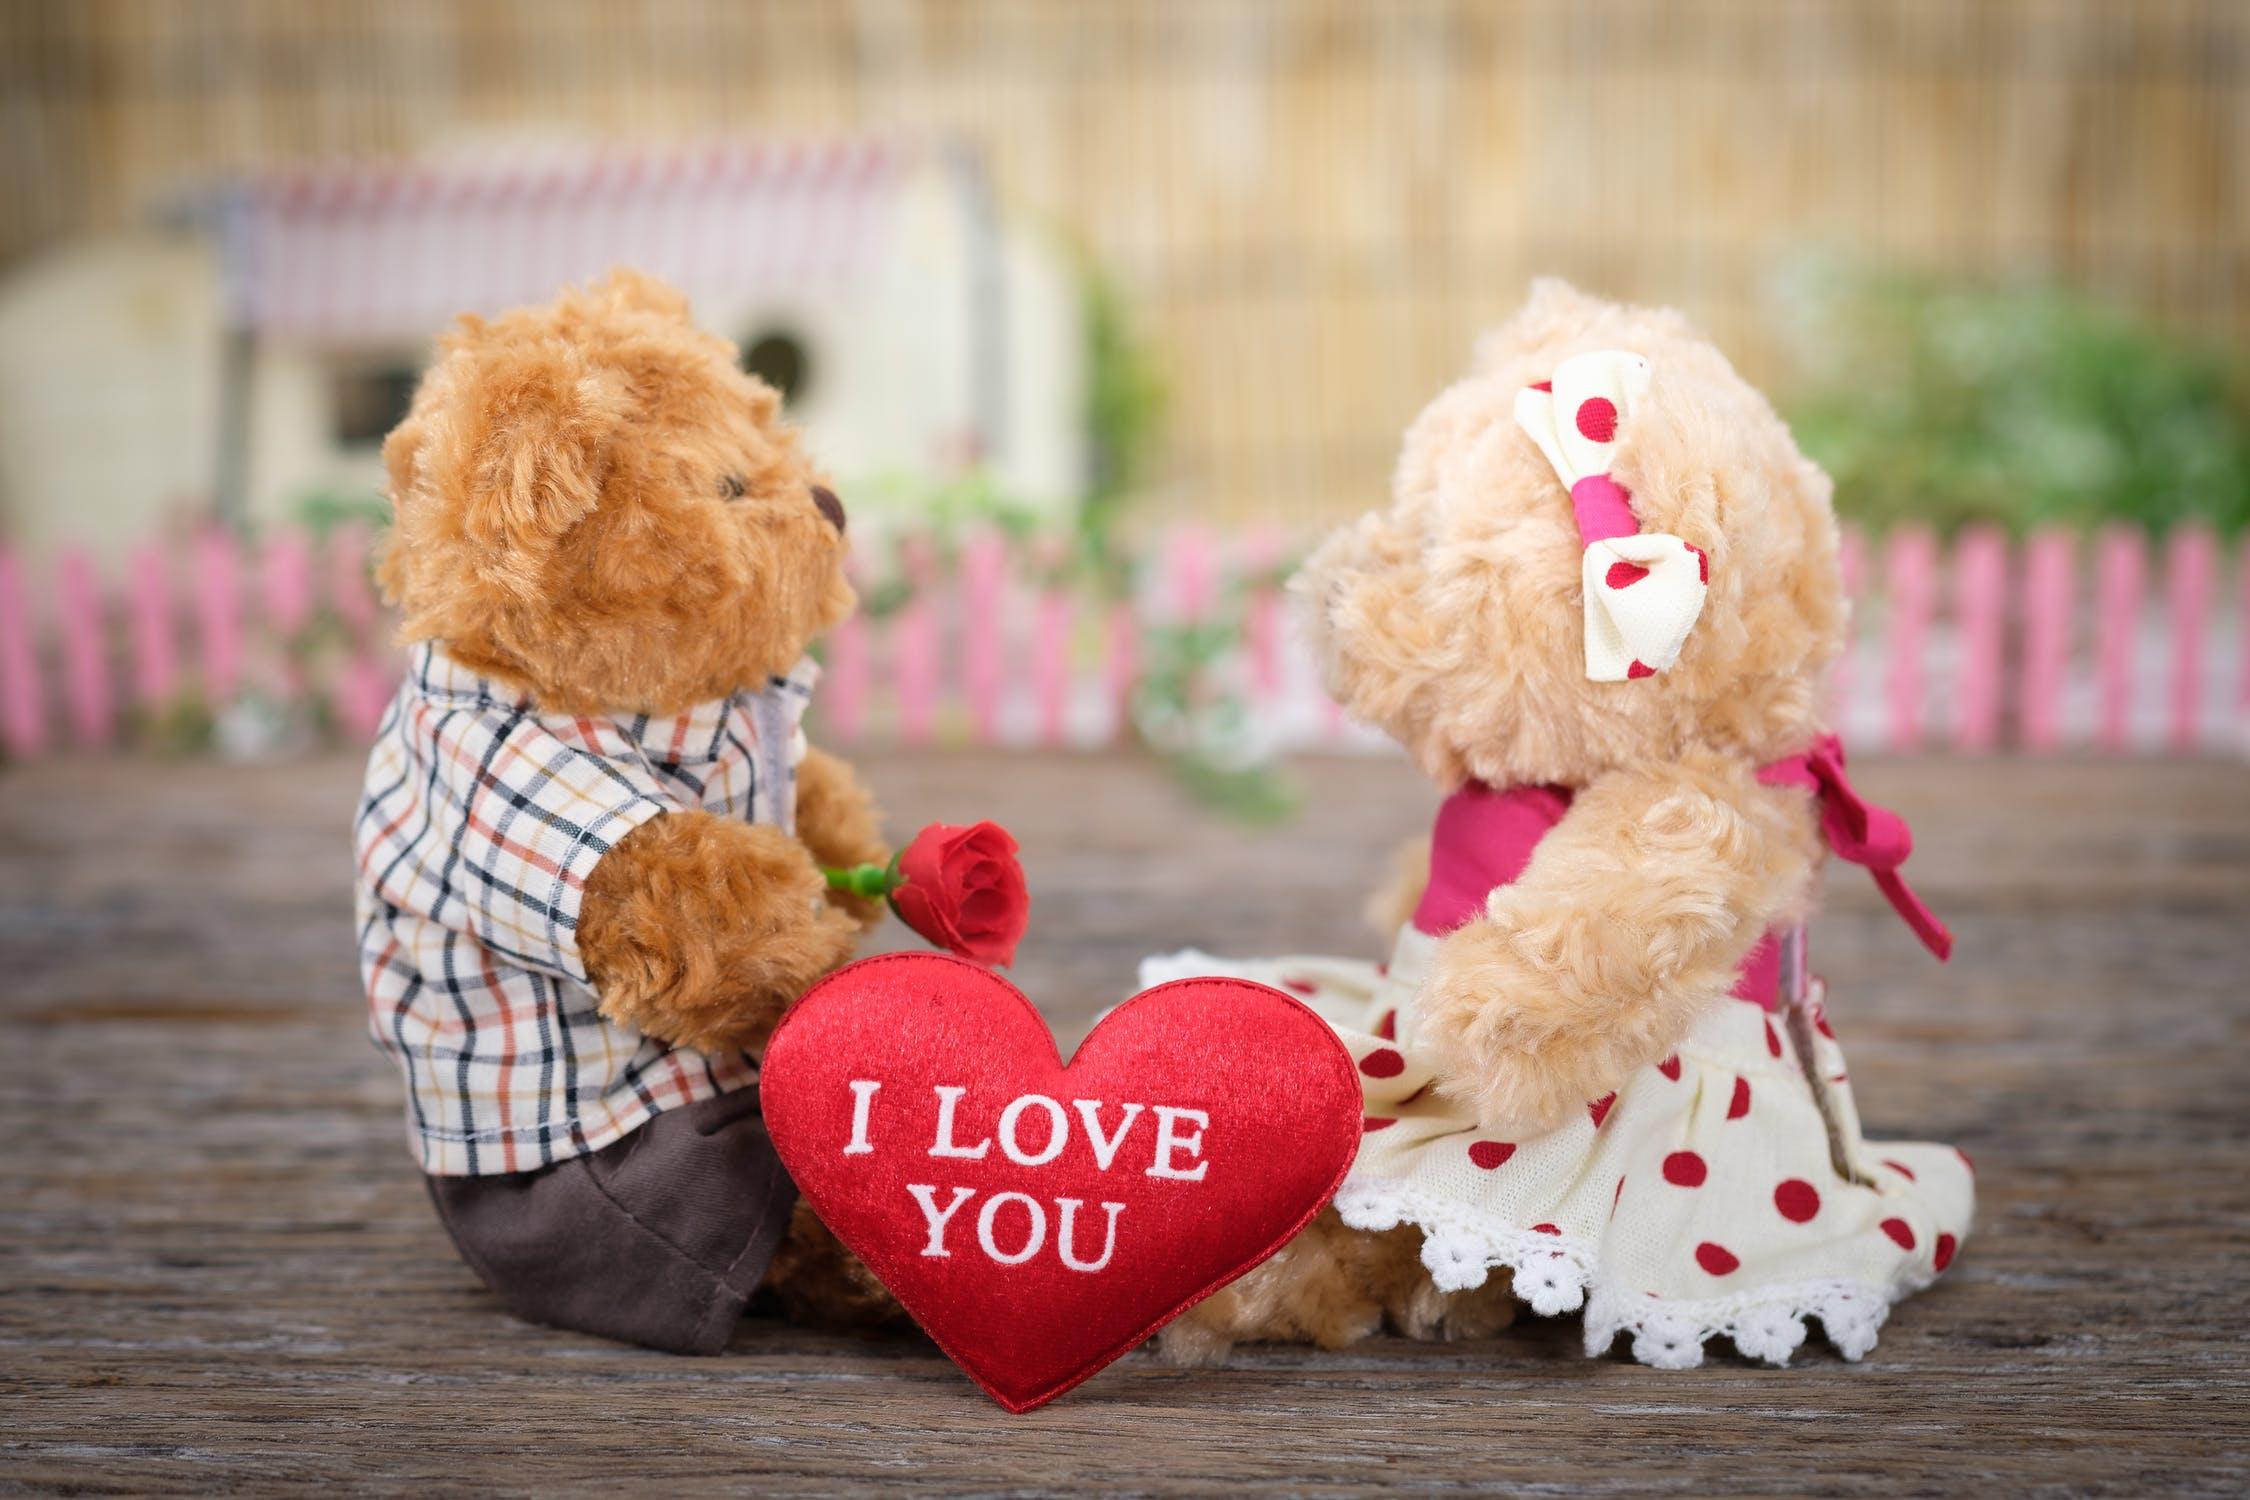 Amor y amistad dos hermosos sentimientos profundos que nos Conectan con la felicidad personal …